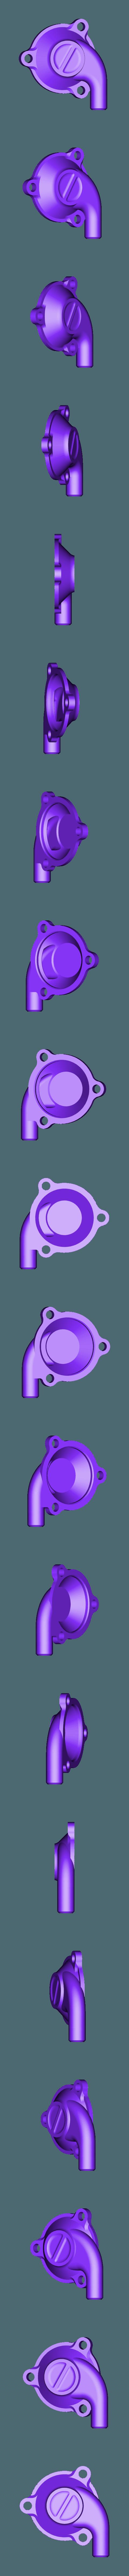 X_Valve_Lid_6mm_Flat.stl Télécharger fichier STL gratuit Moteur pneumatique radial simple • Modèle pour imprimante 3D, Slava_Z